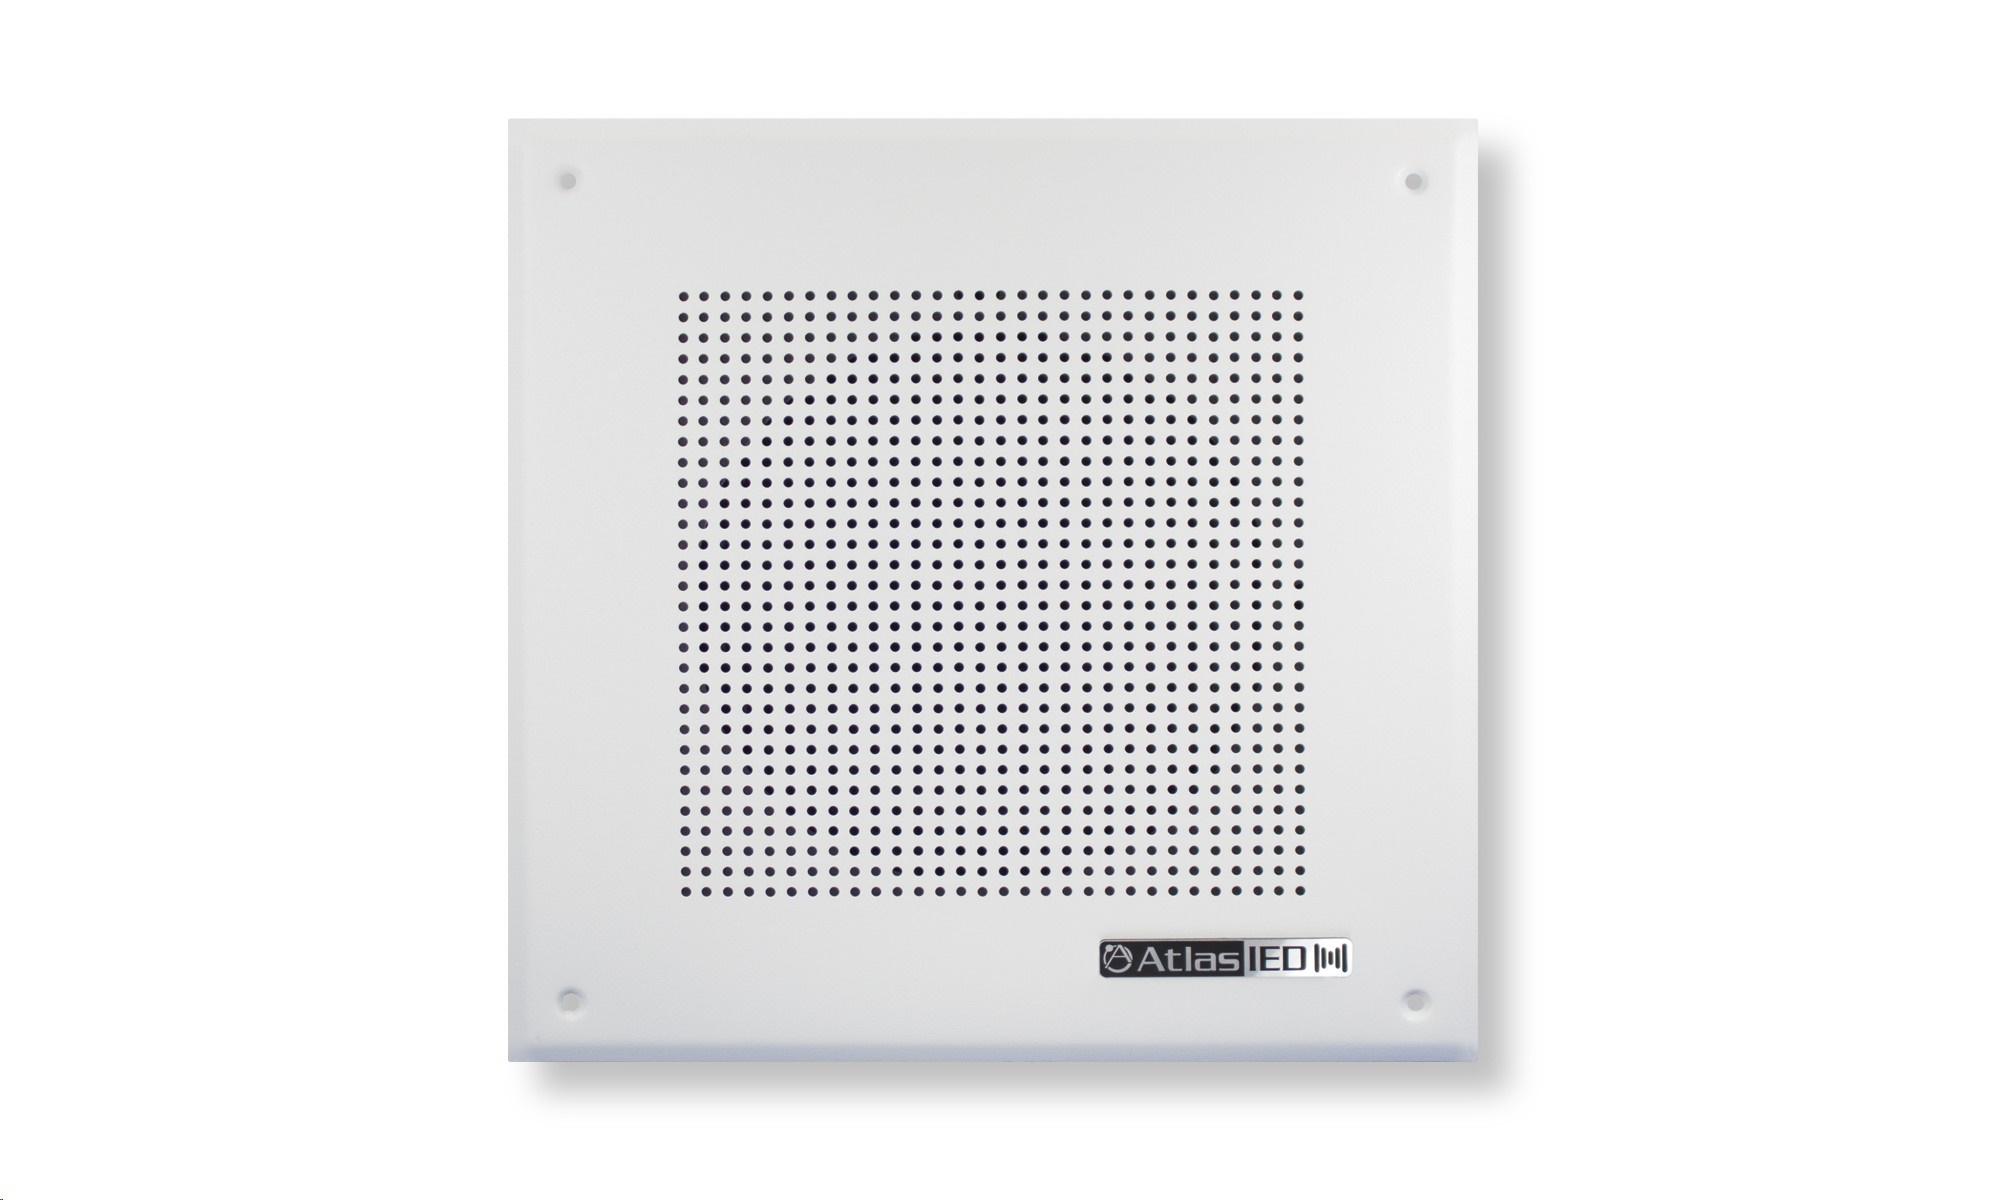 Atlassound POE+ Indoor Wall Ceiling Mount IP Speaker IP-8SM